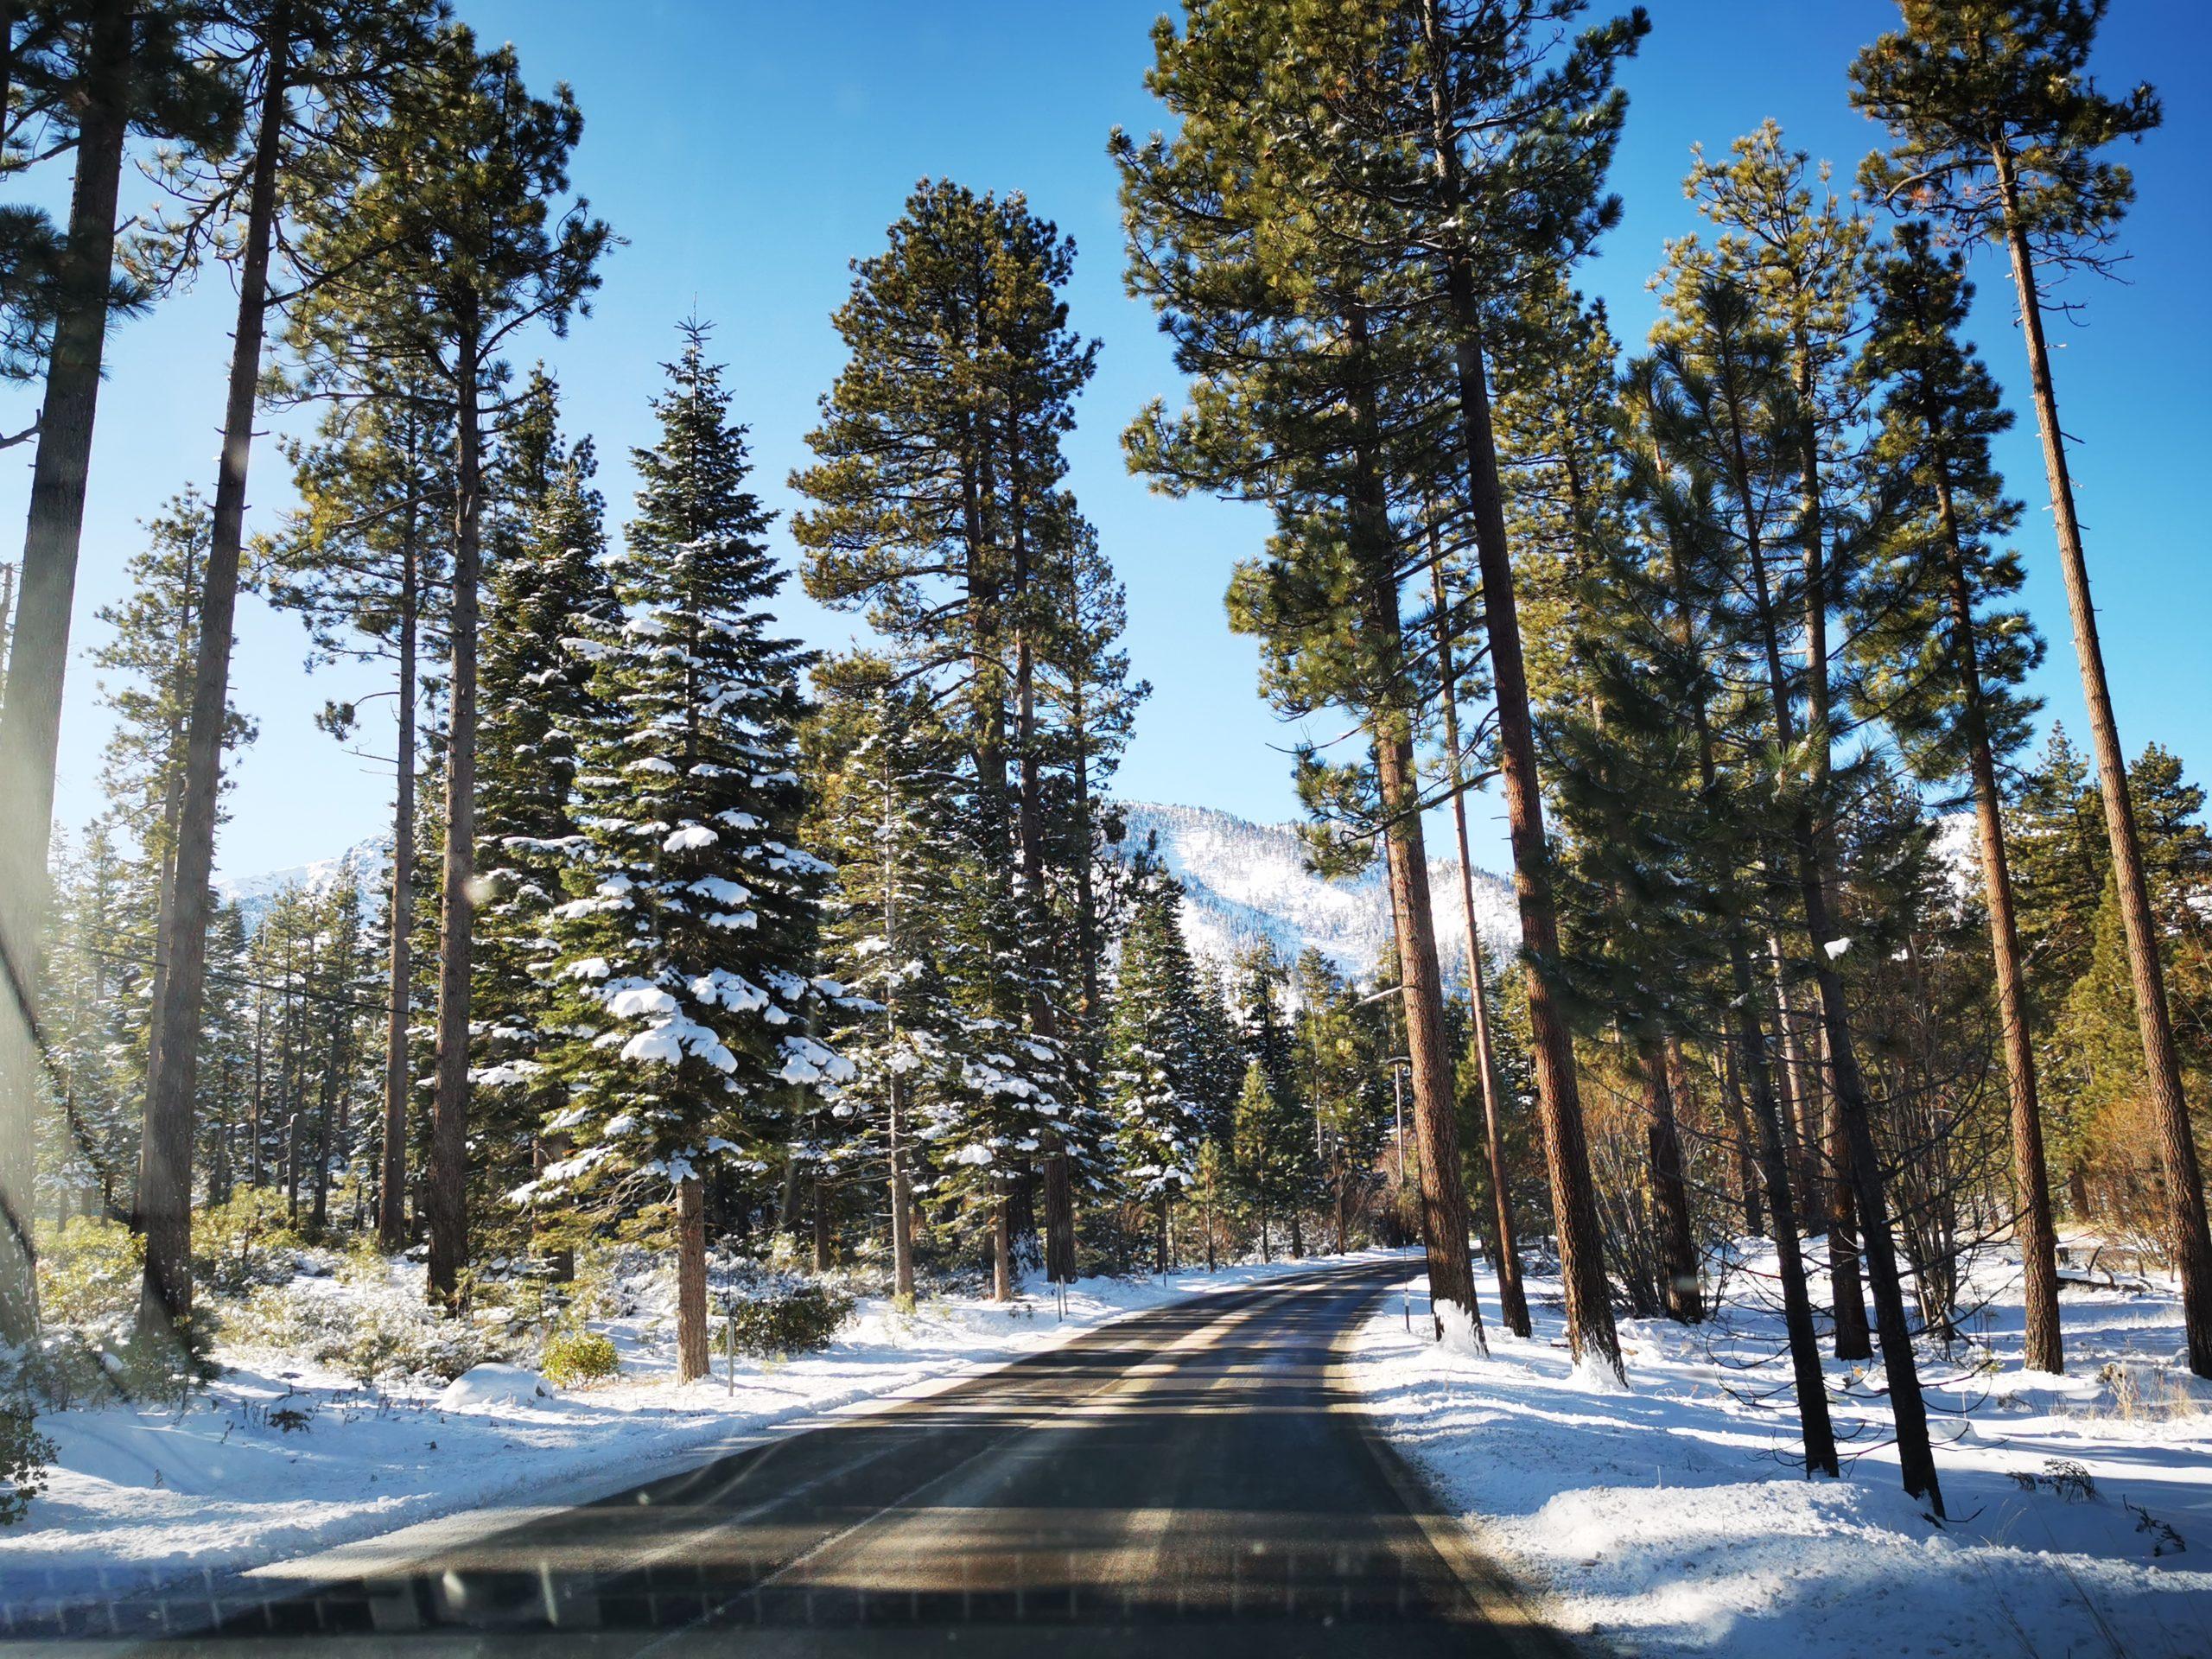 Lake Tahoe Scenic Drive